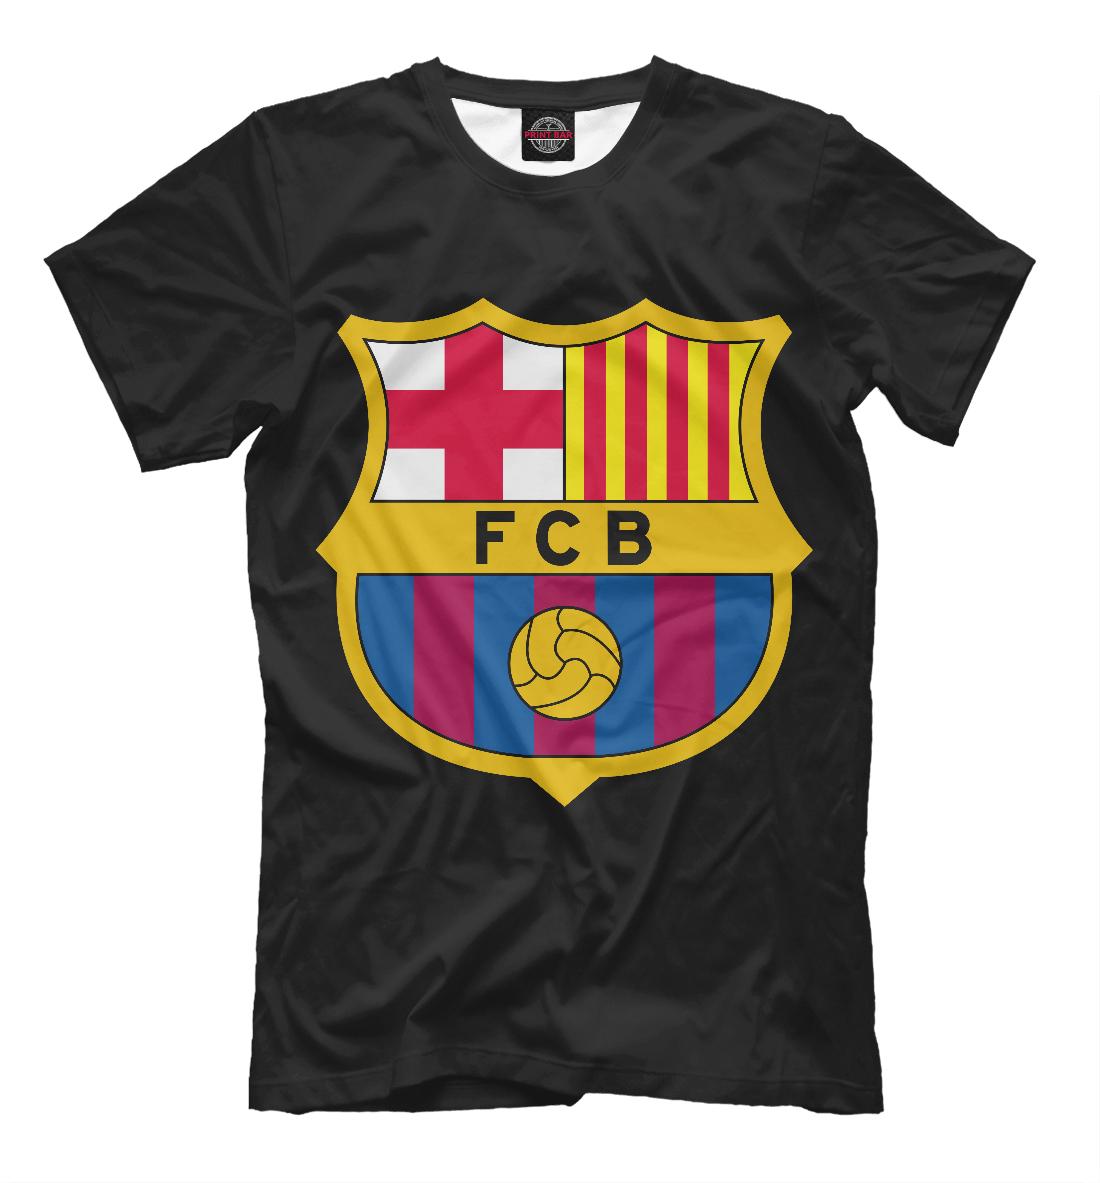 Купить Барселона, Printbar, Футболки, BAR-694351-fut-2